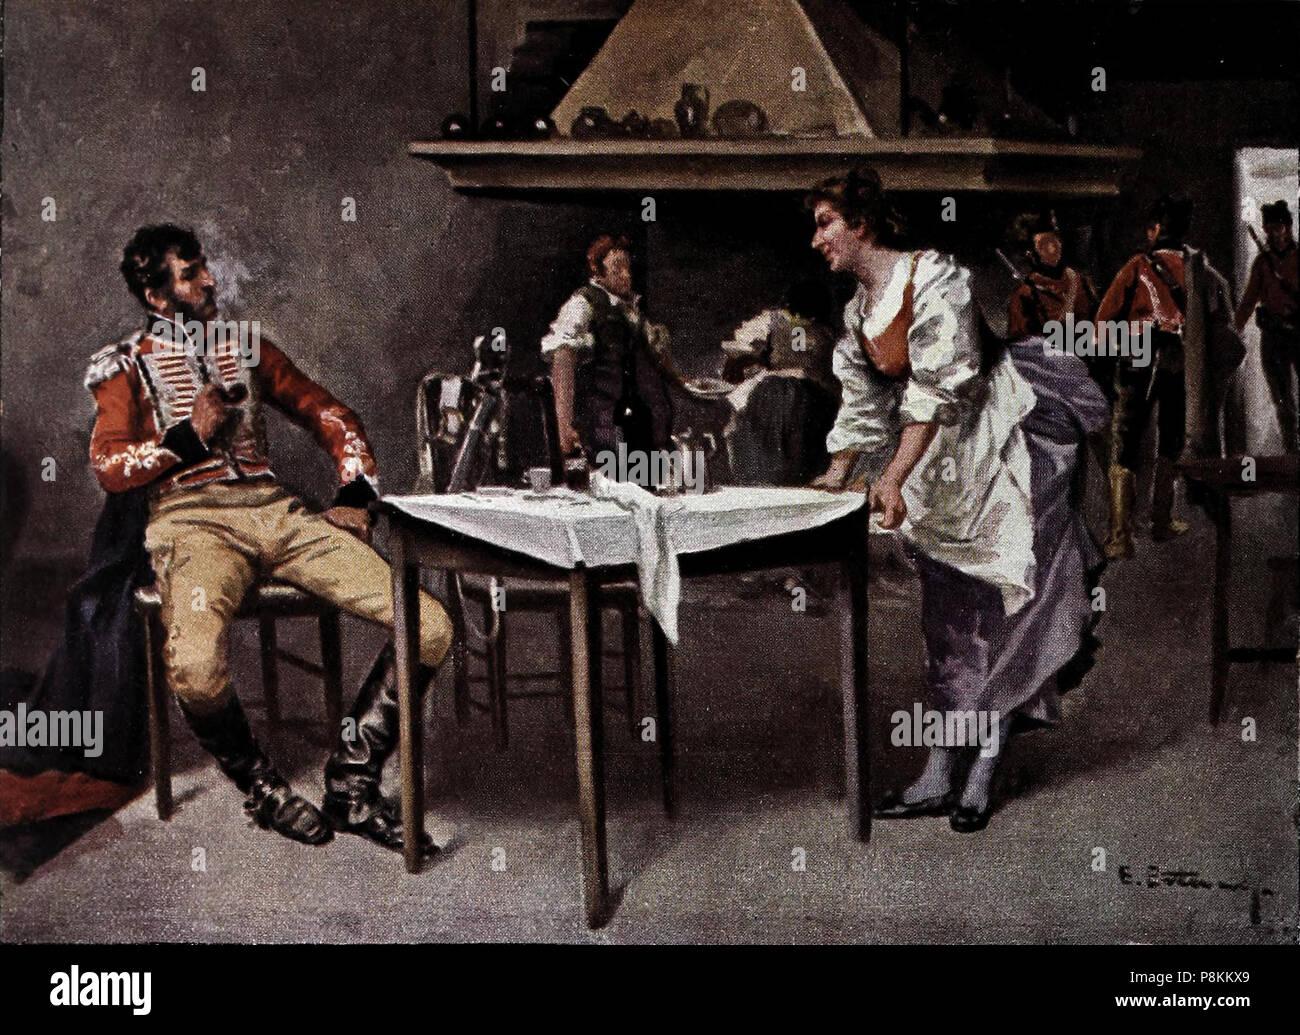 14 1905-07-08, Blanco y Negro, La hija del tío Malgenio, Estevan Imagen De Stock